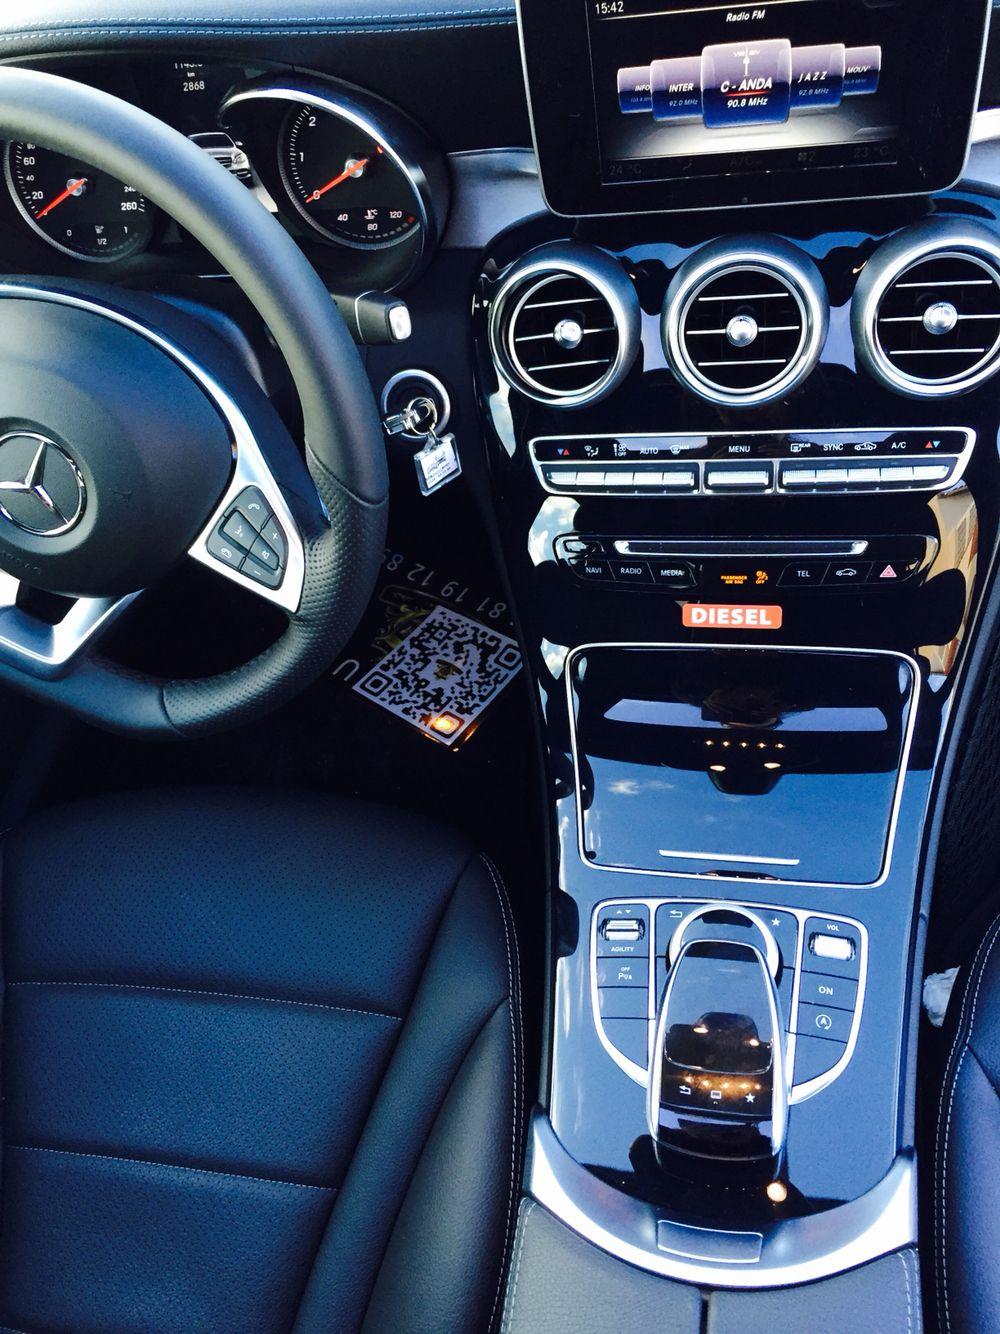 Volant et console intérieur classe C 220 | Mes voitures (Mercedes ...